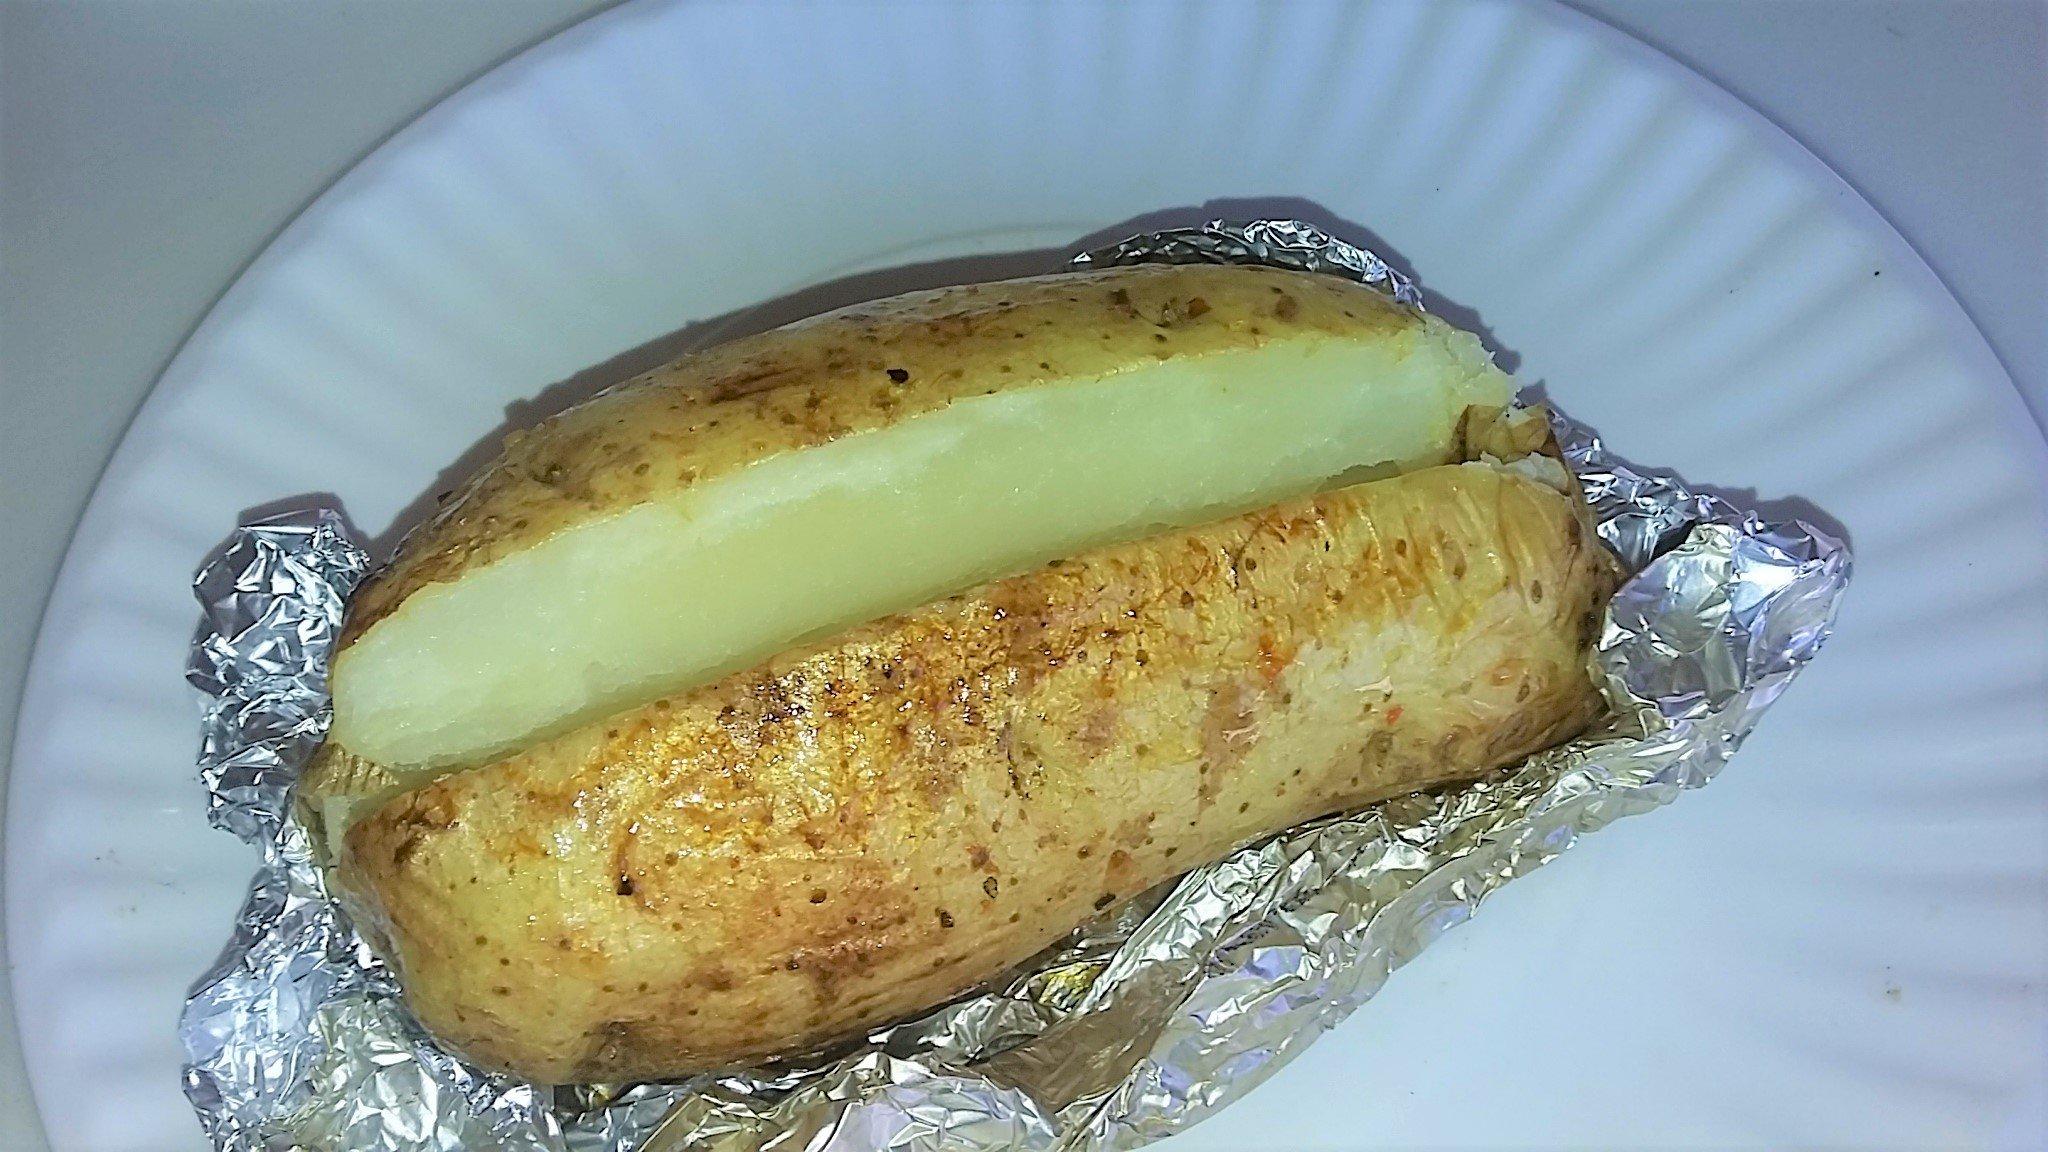 finished grilled whole potato baked